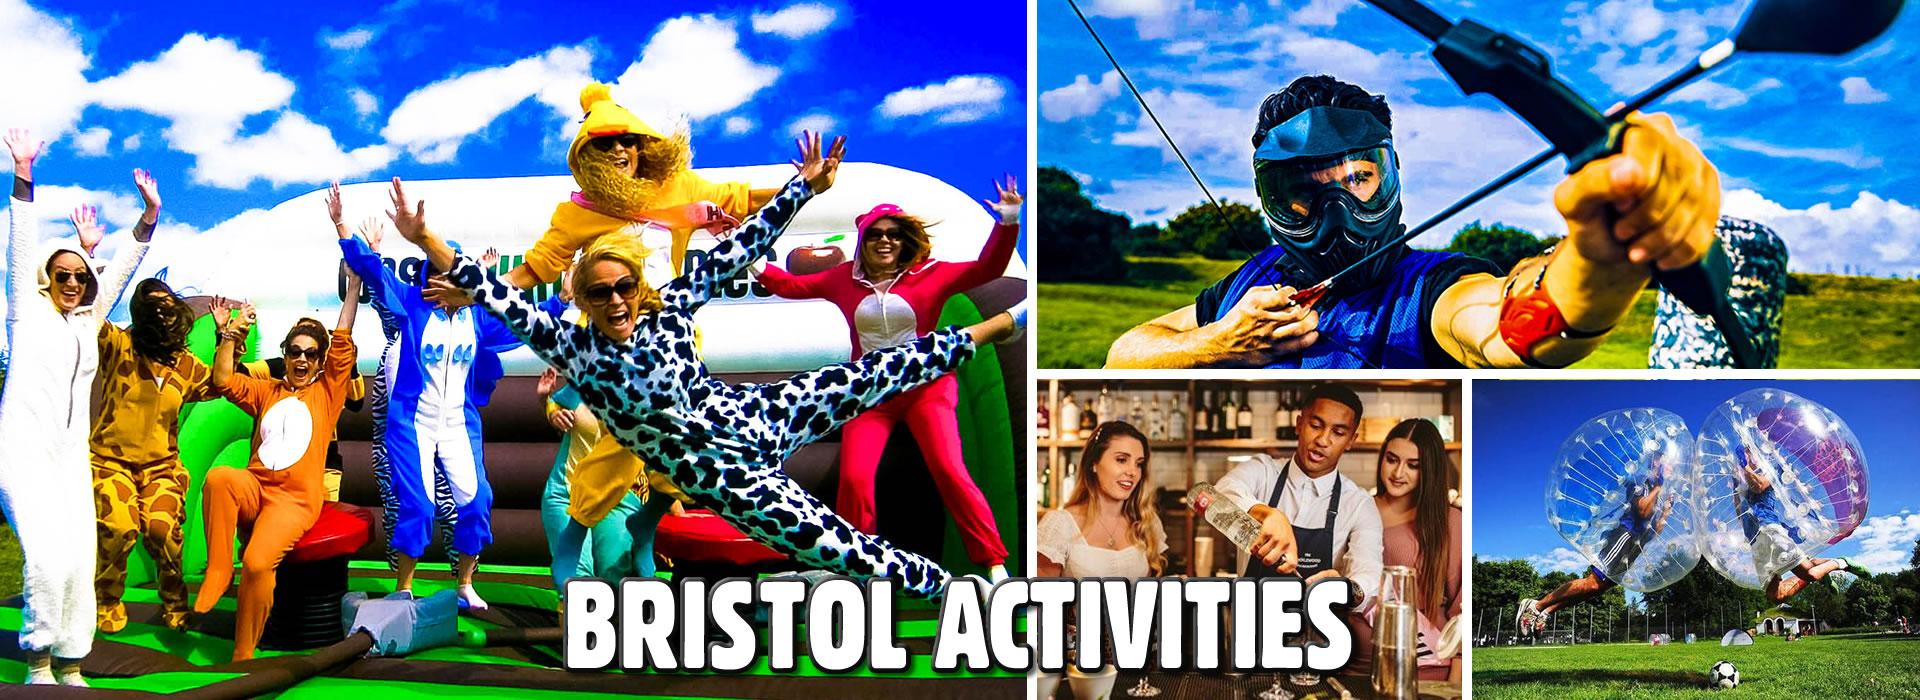 Bristol Activities